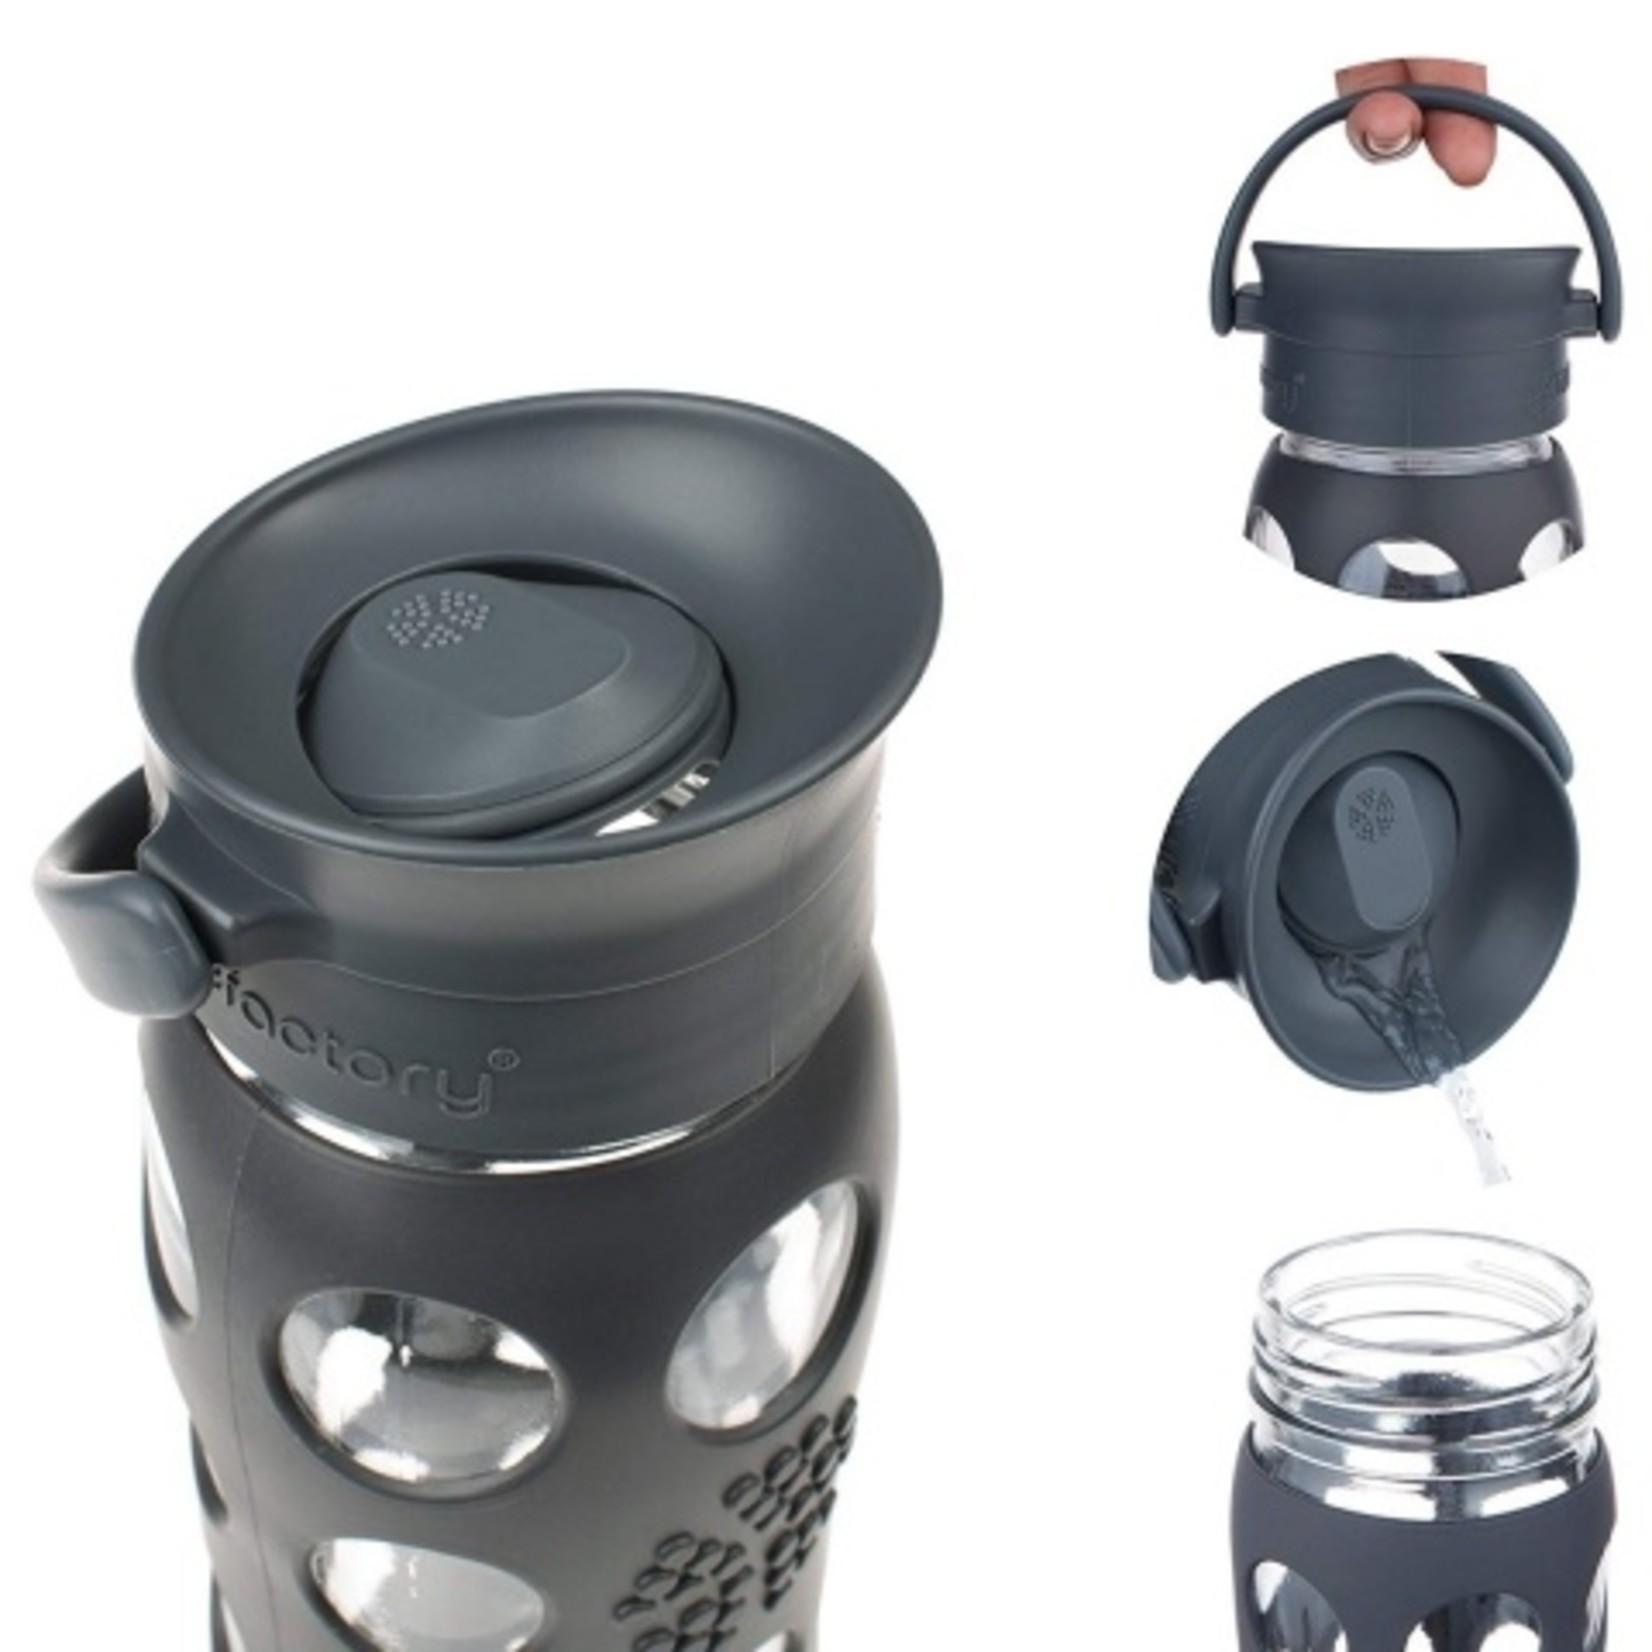 Lifefactory Café Espresso glazen drinkfles